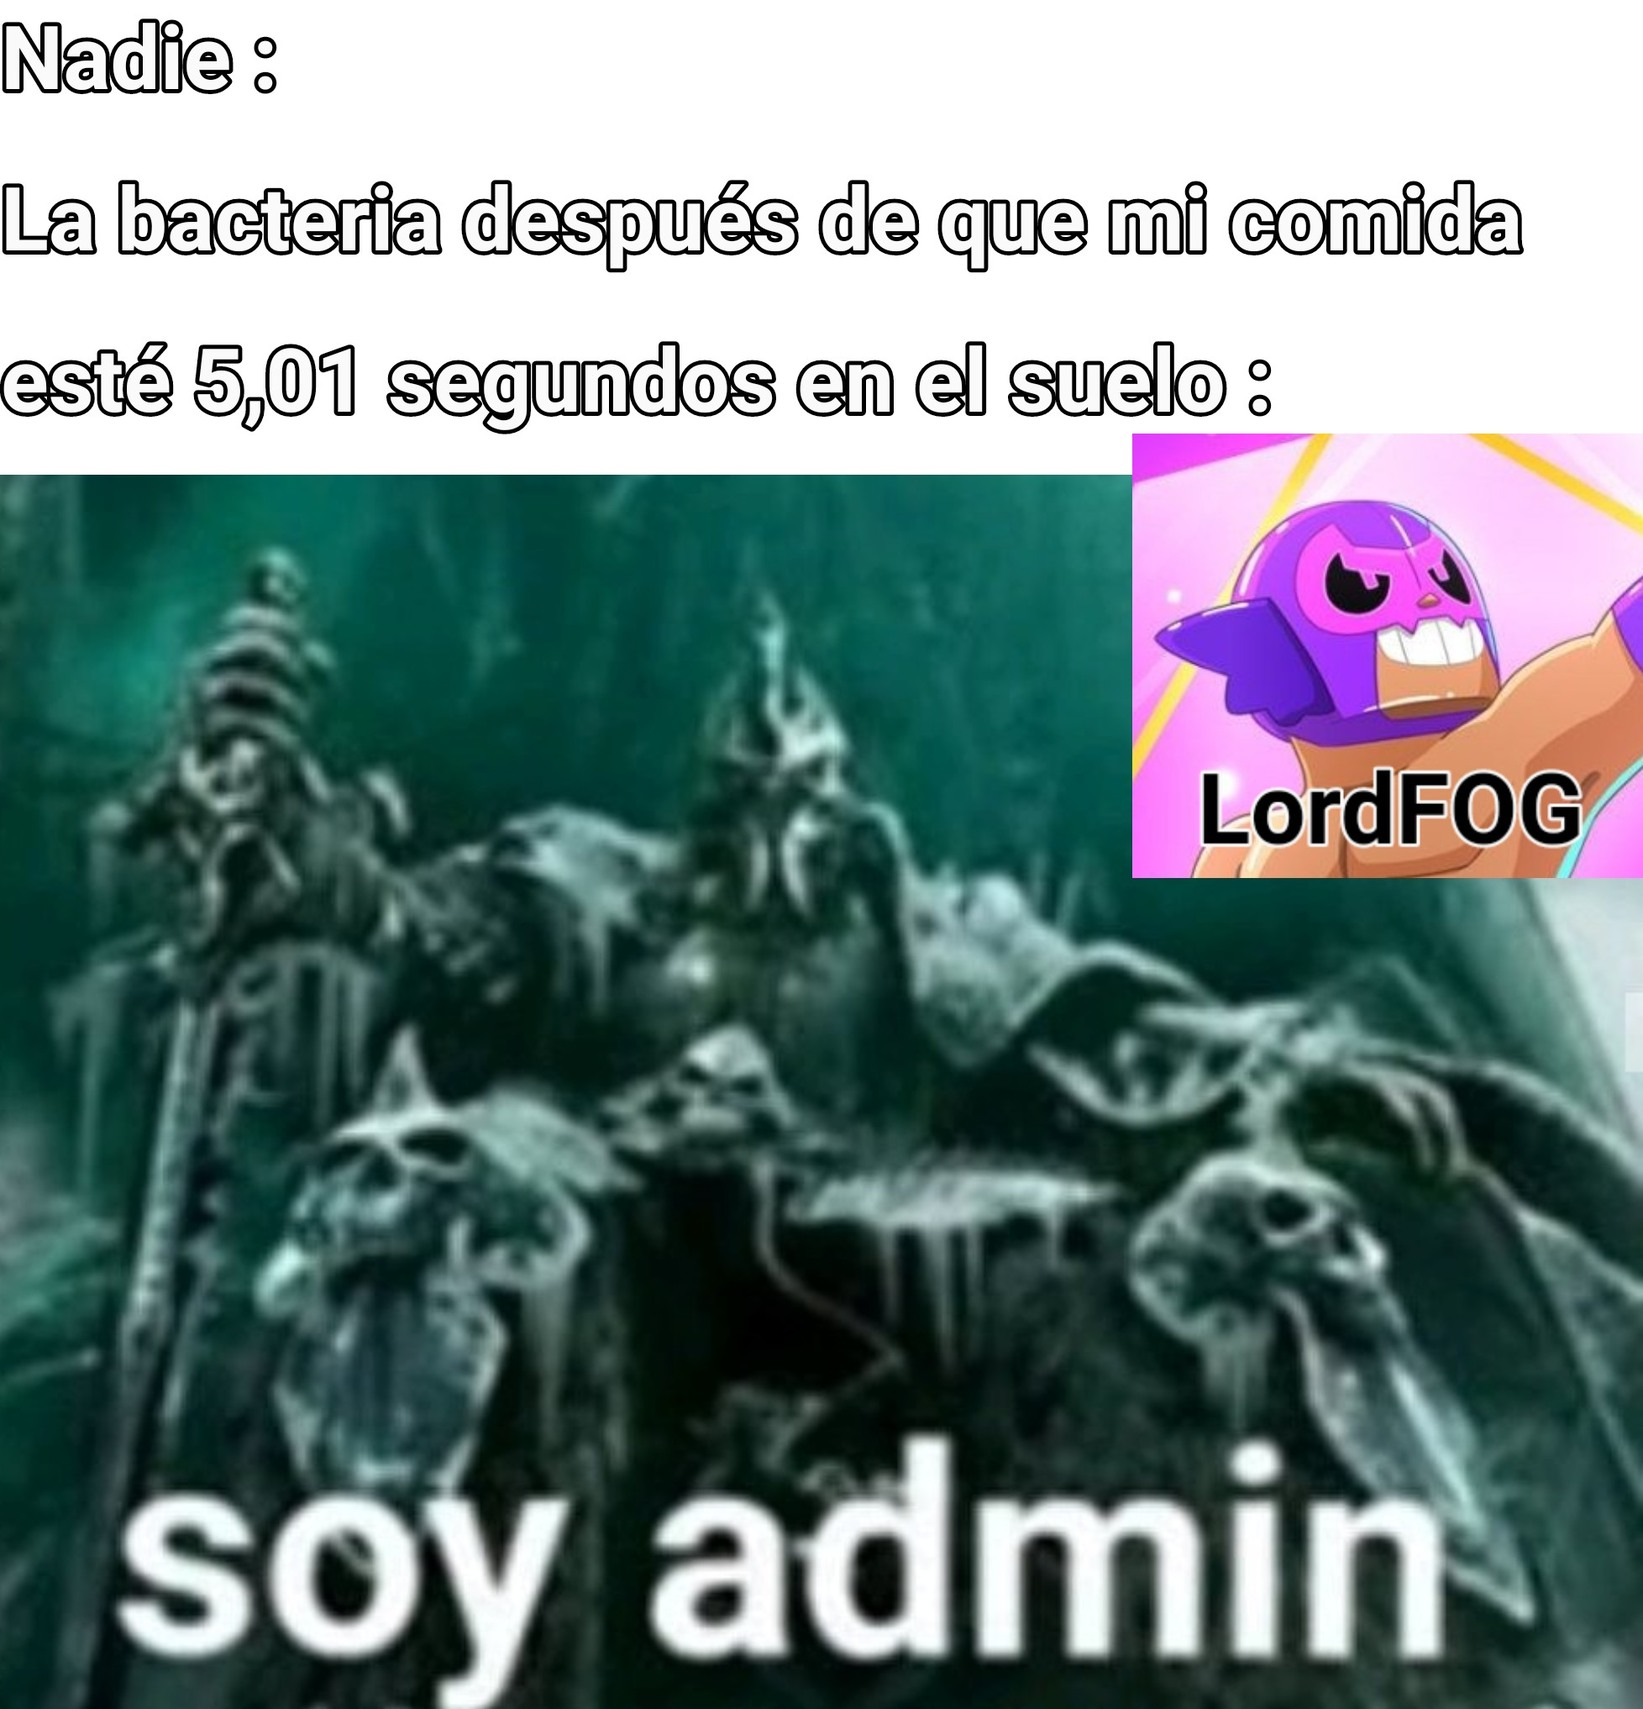 Es el admin - meme